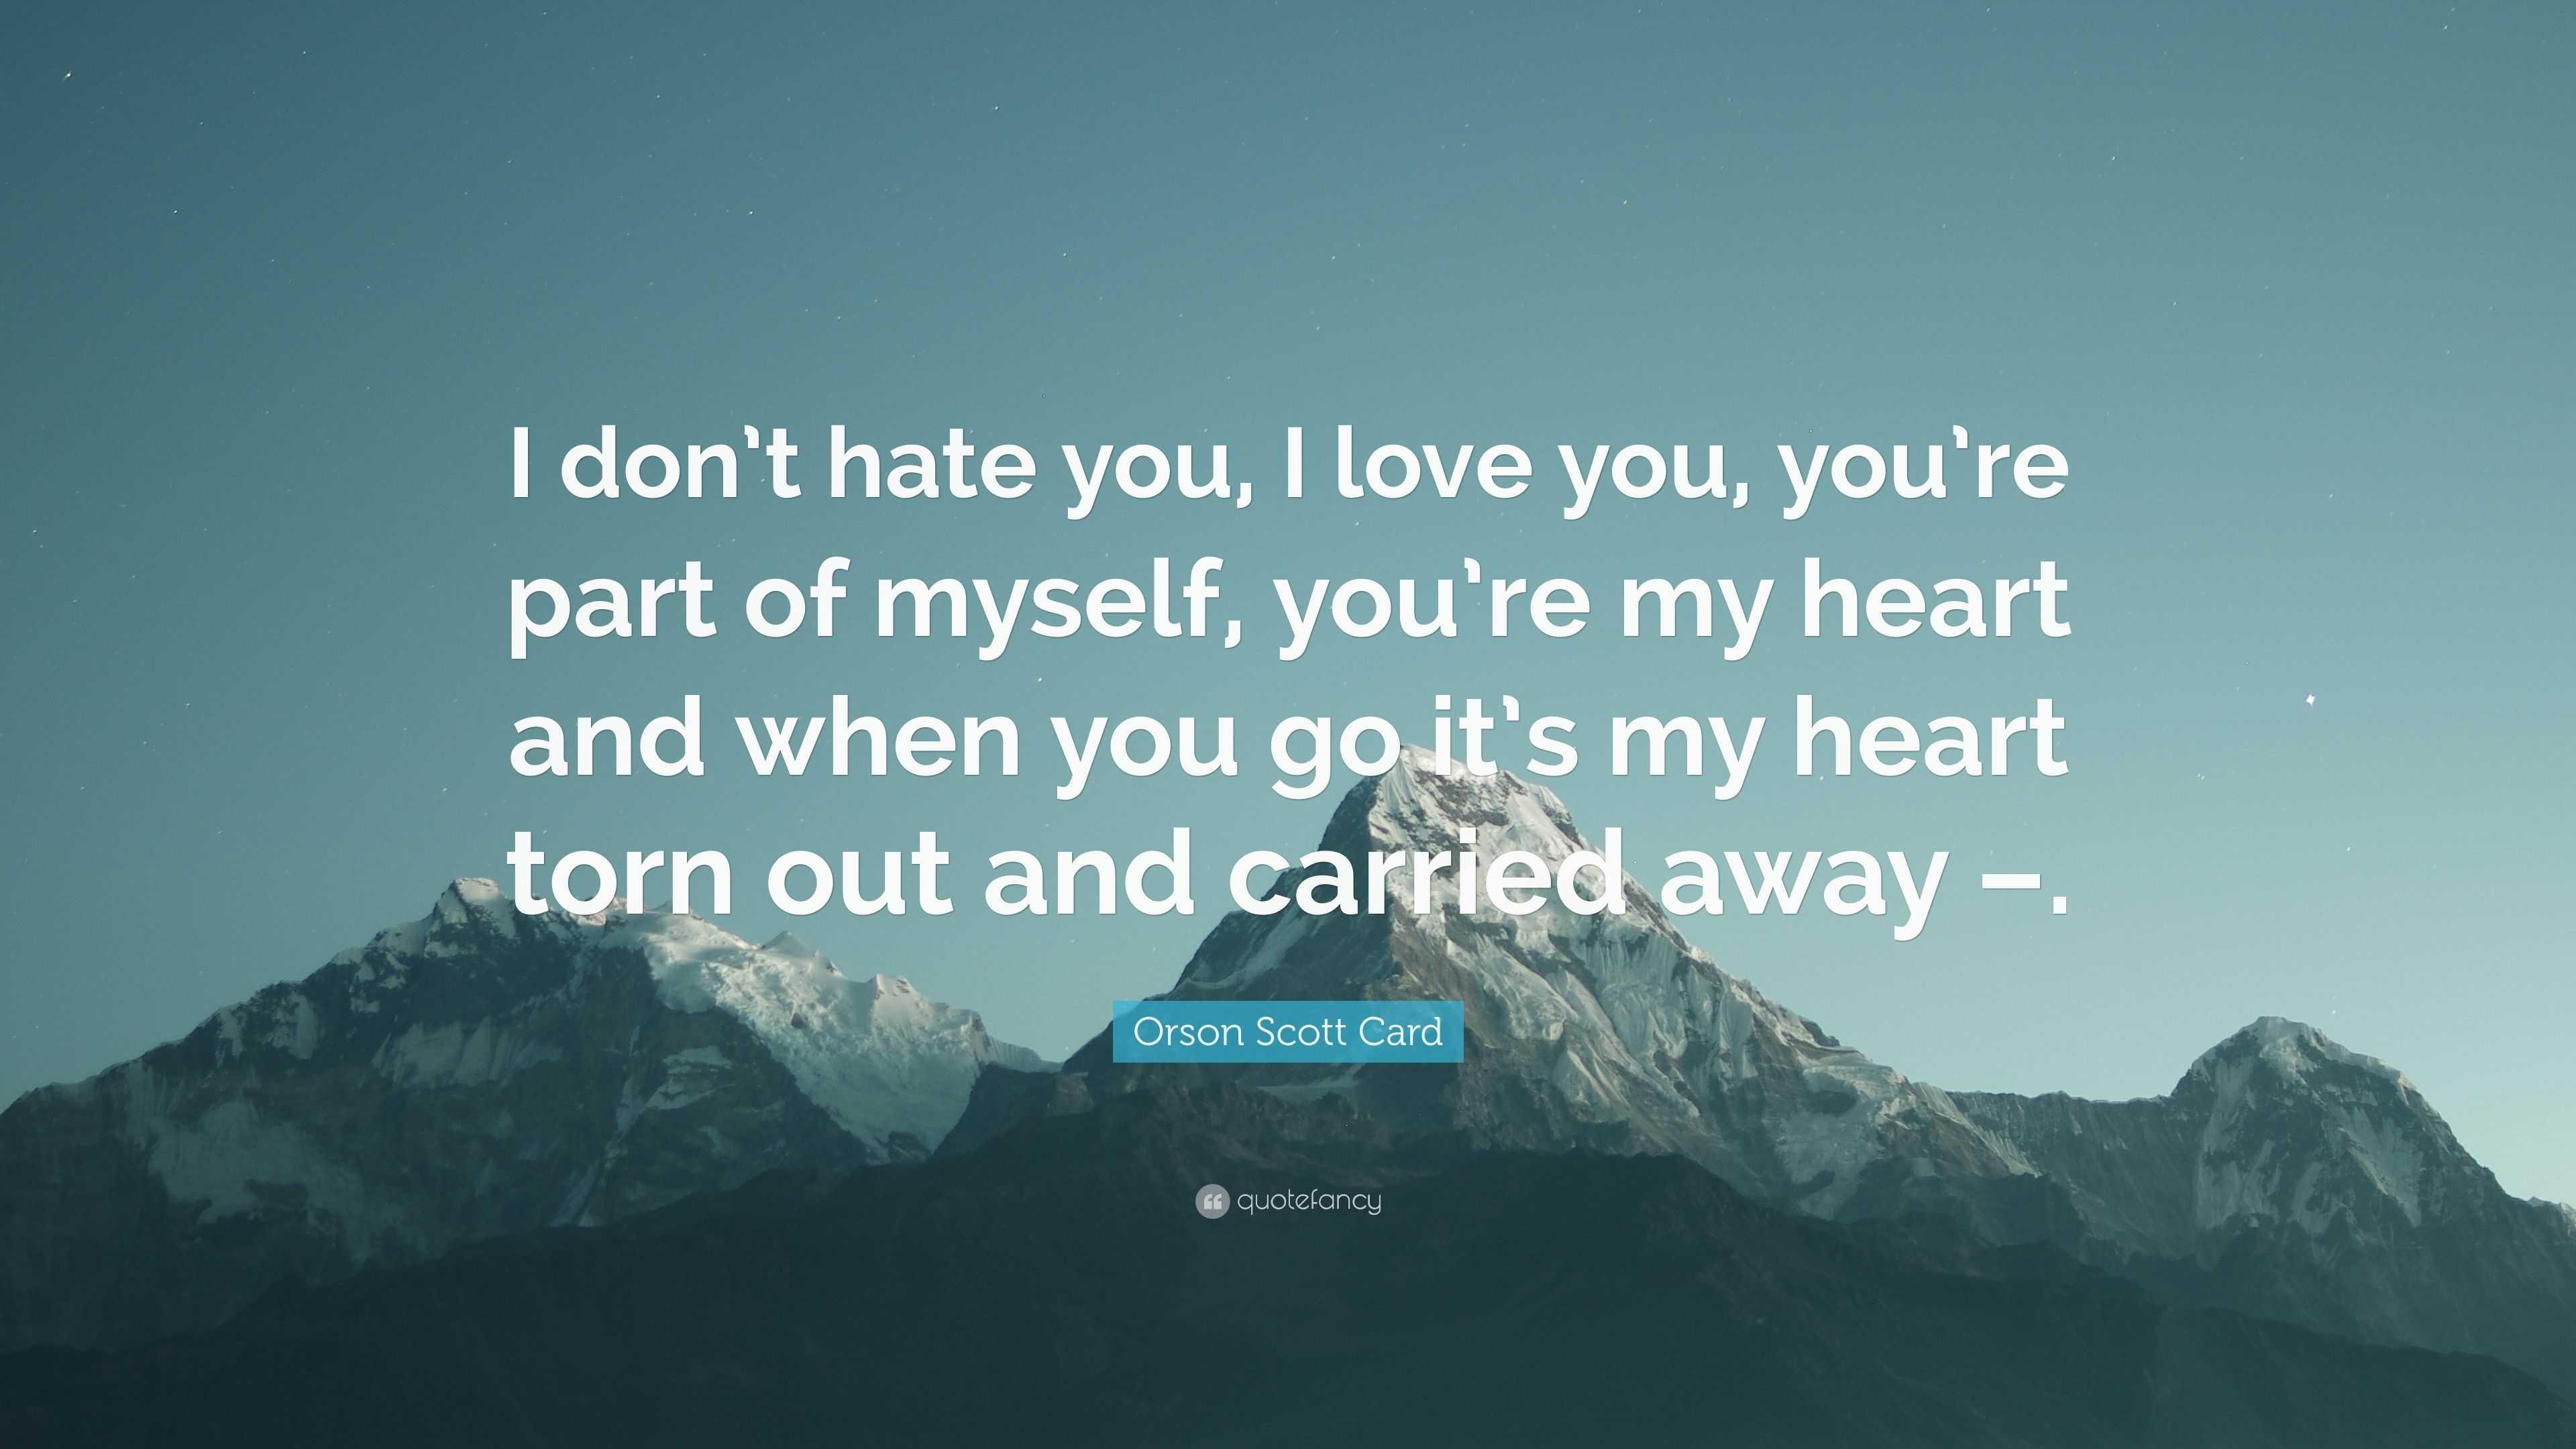 Orson Scott Card Quote: U201cI Donu0027t Hate You, I Love You